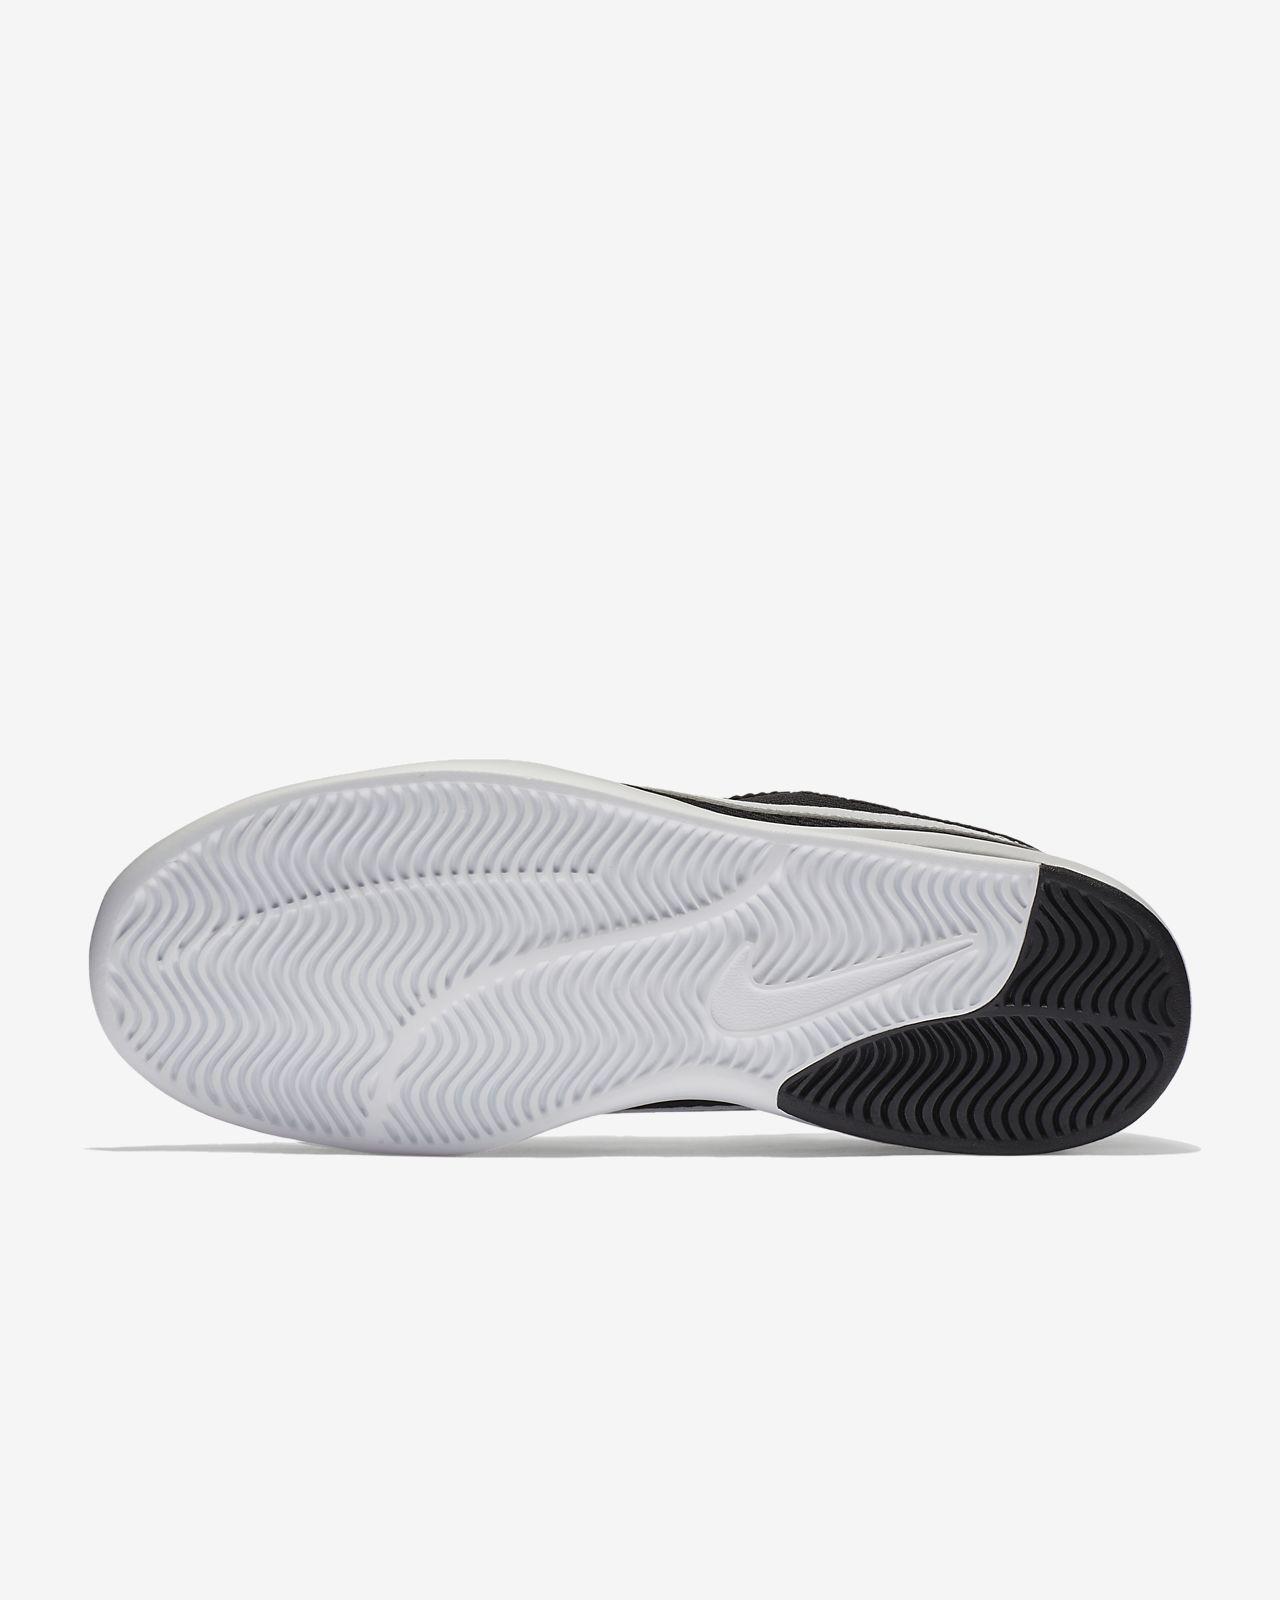 finest selection a3f53 8d1f3 ... Calzado de skateboarding para hombre Nike SB Air Max Bruin Vapor